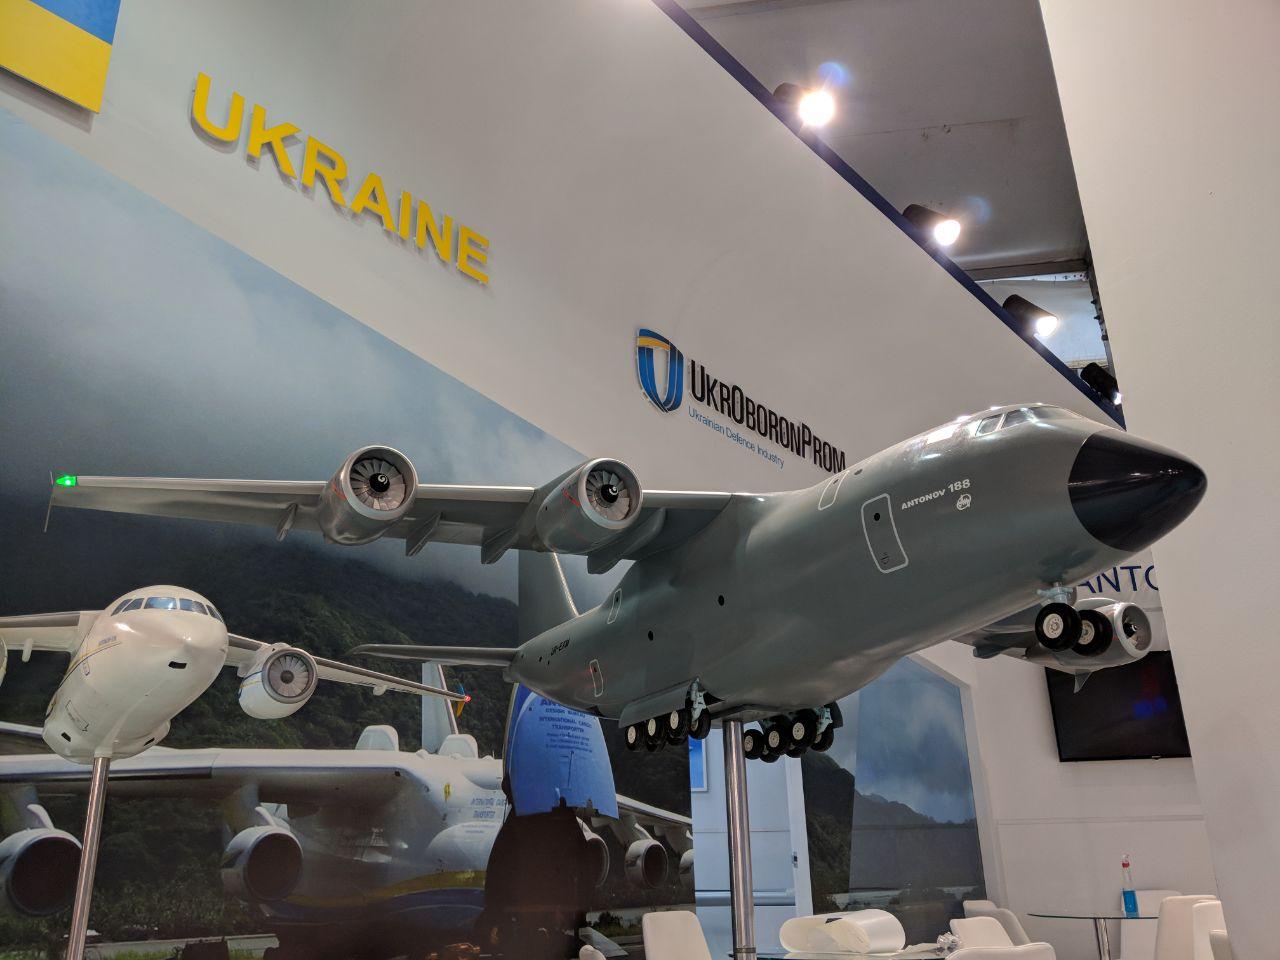 Украина показывает намеждународном авиасалоне новый транспортный Ан-178